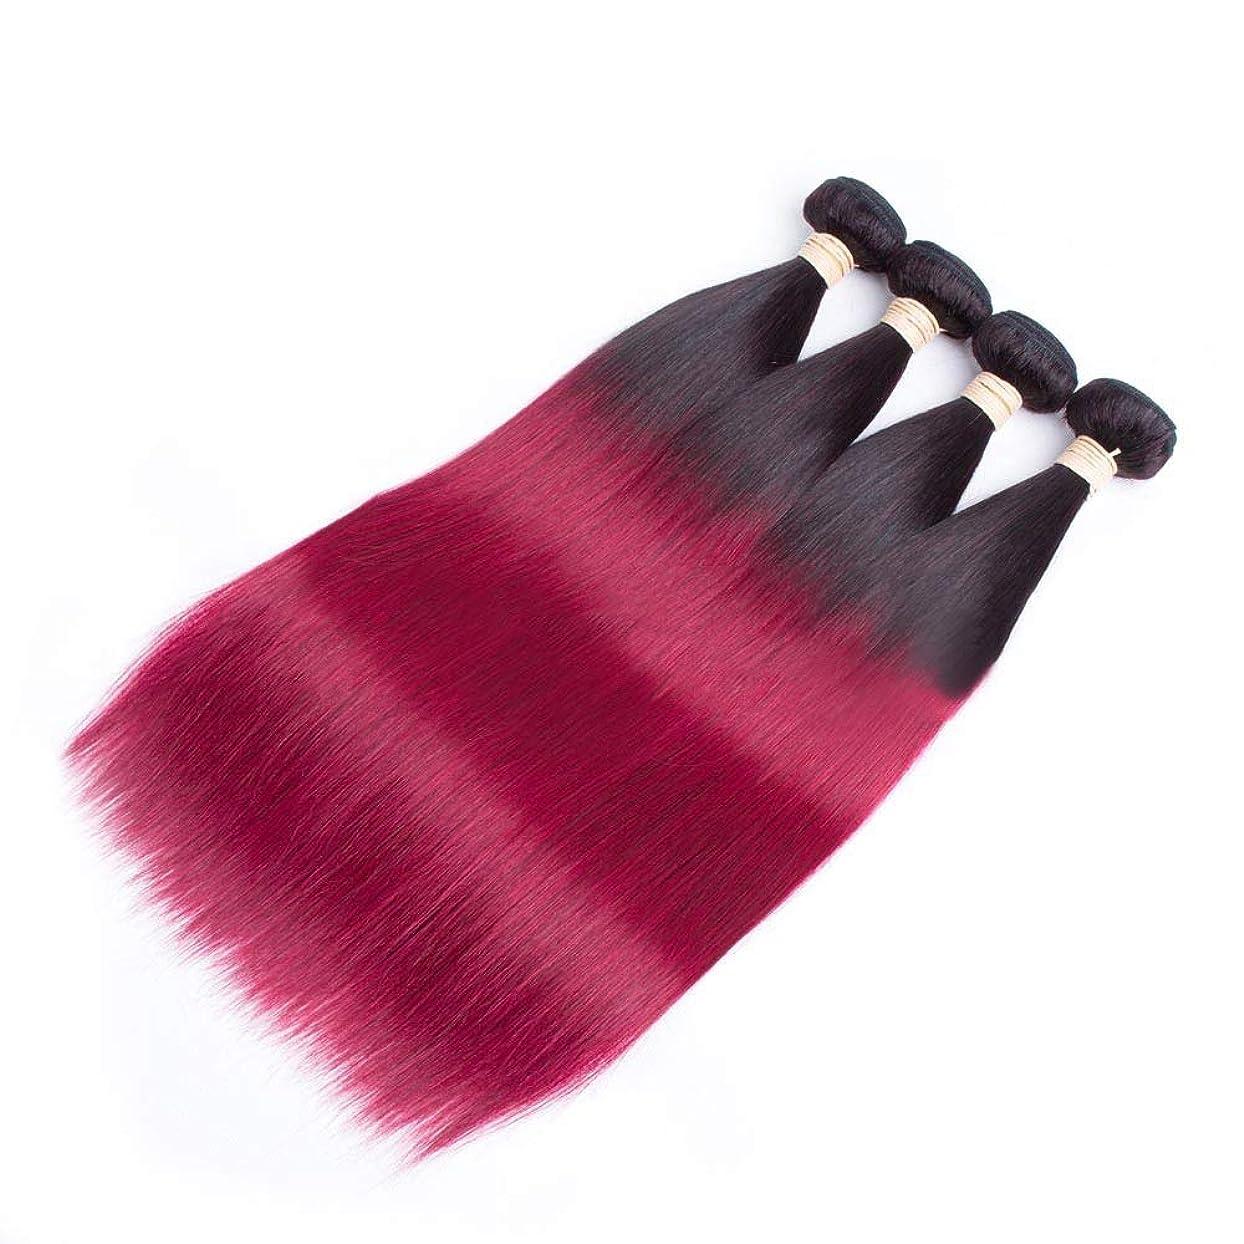 ファイアル泥だらけ乞食Yrattary ストレートヘアバンドルブラジルの髪ストレート人間の髪織り - 8